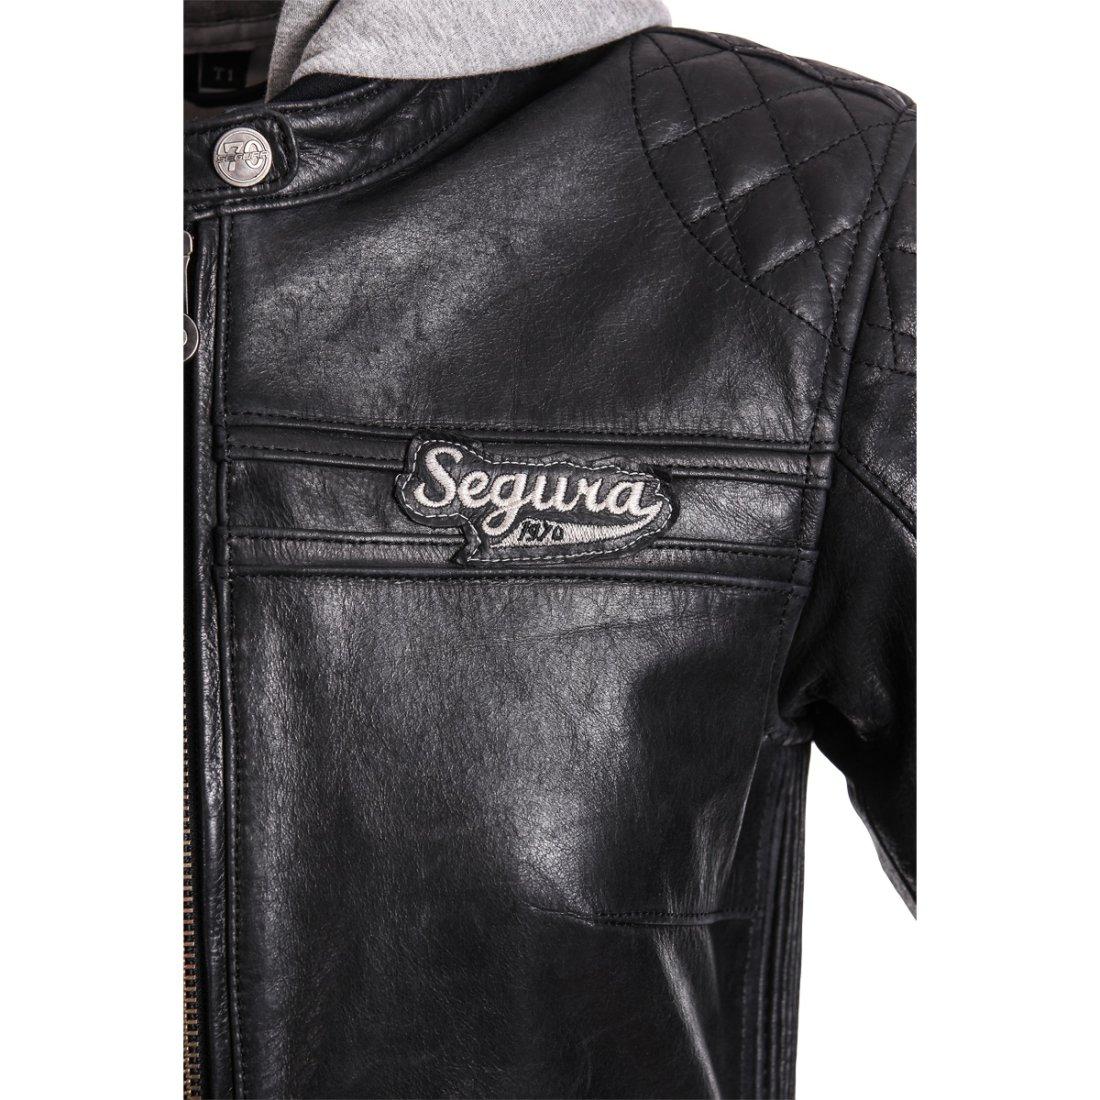 Lady Segura Style Style Black Jacke Lady Segura Jacke b76yfg